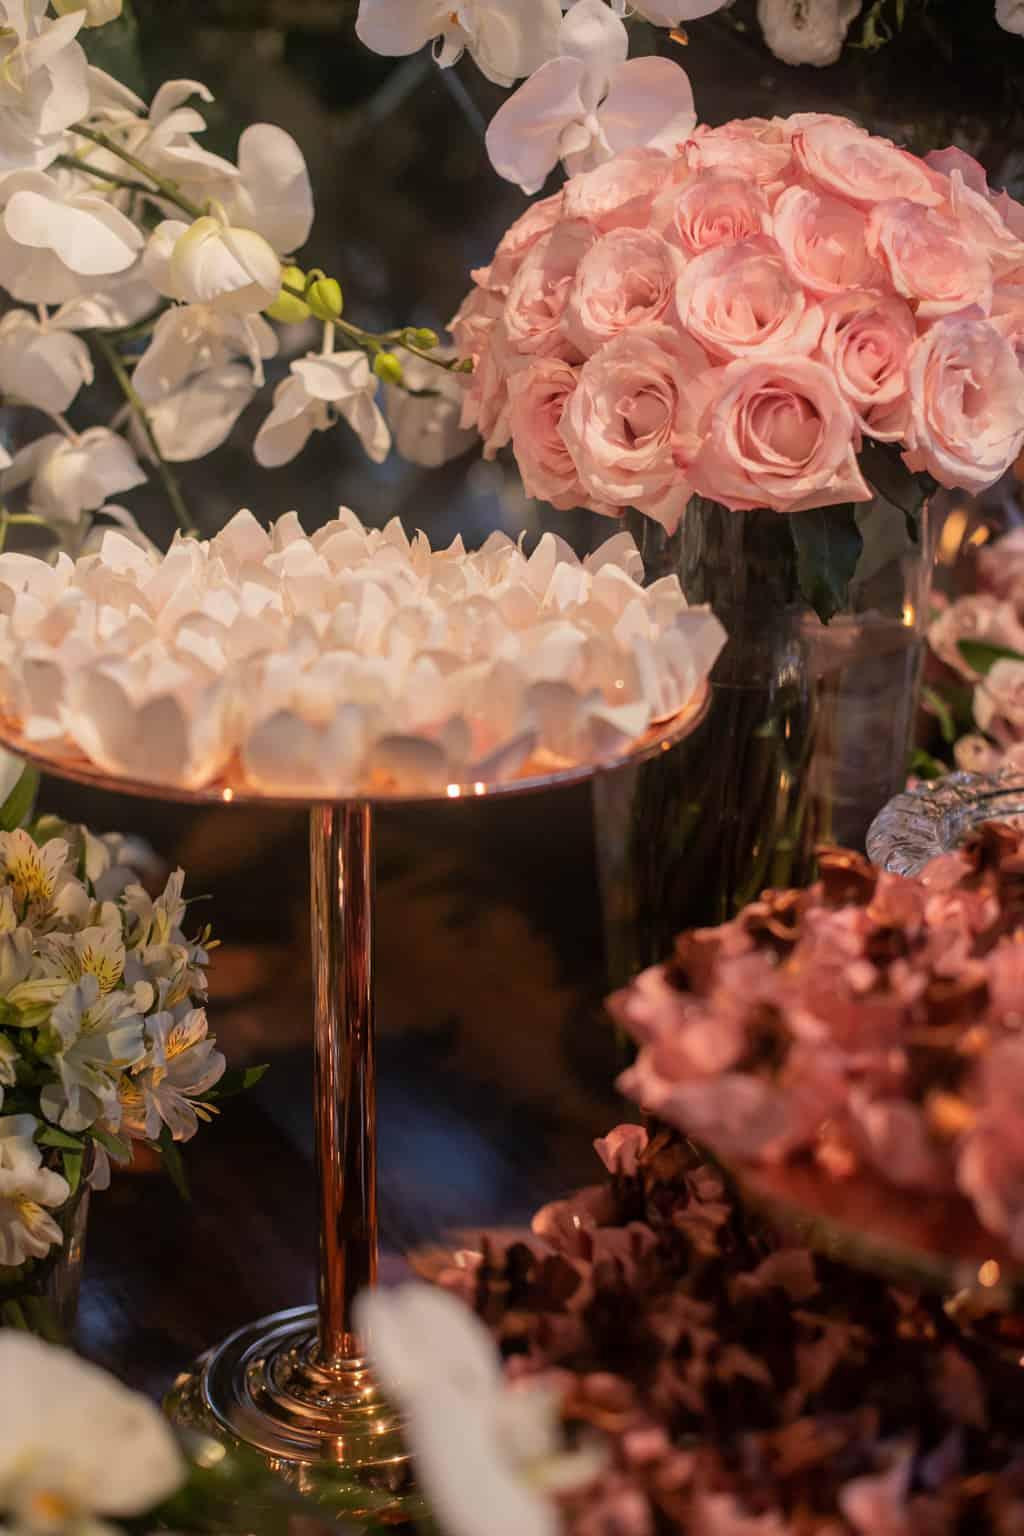 Casamento-Milene-e-Leonardo-decoracao-da-festa-doces-Roberto-Tamer-terras-claras236